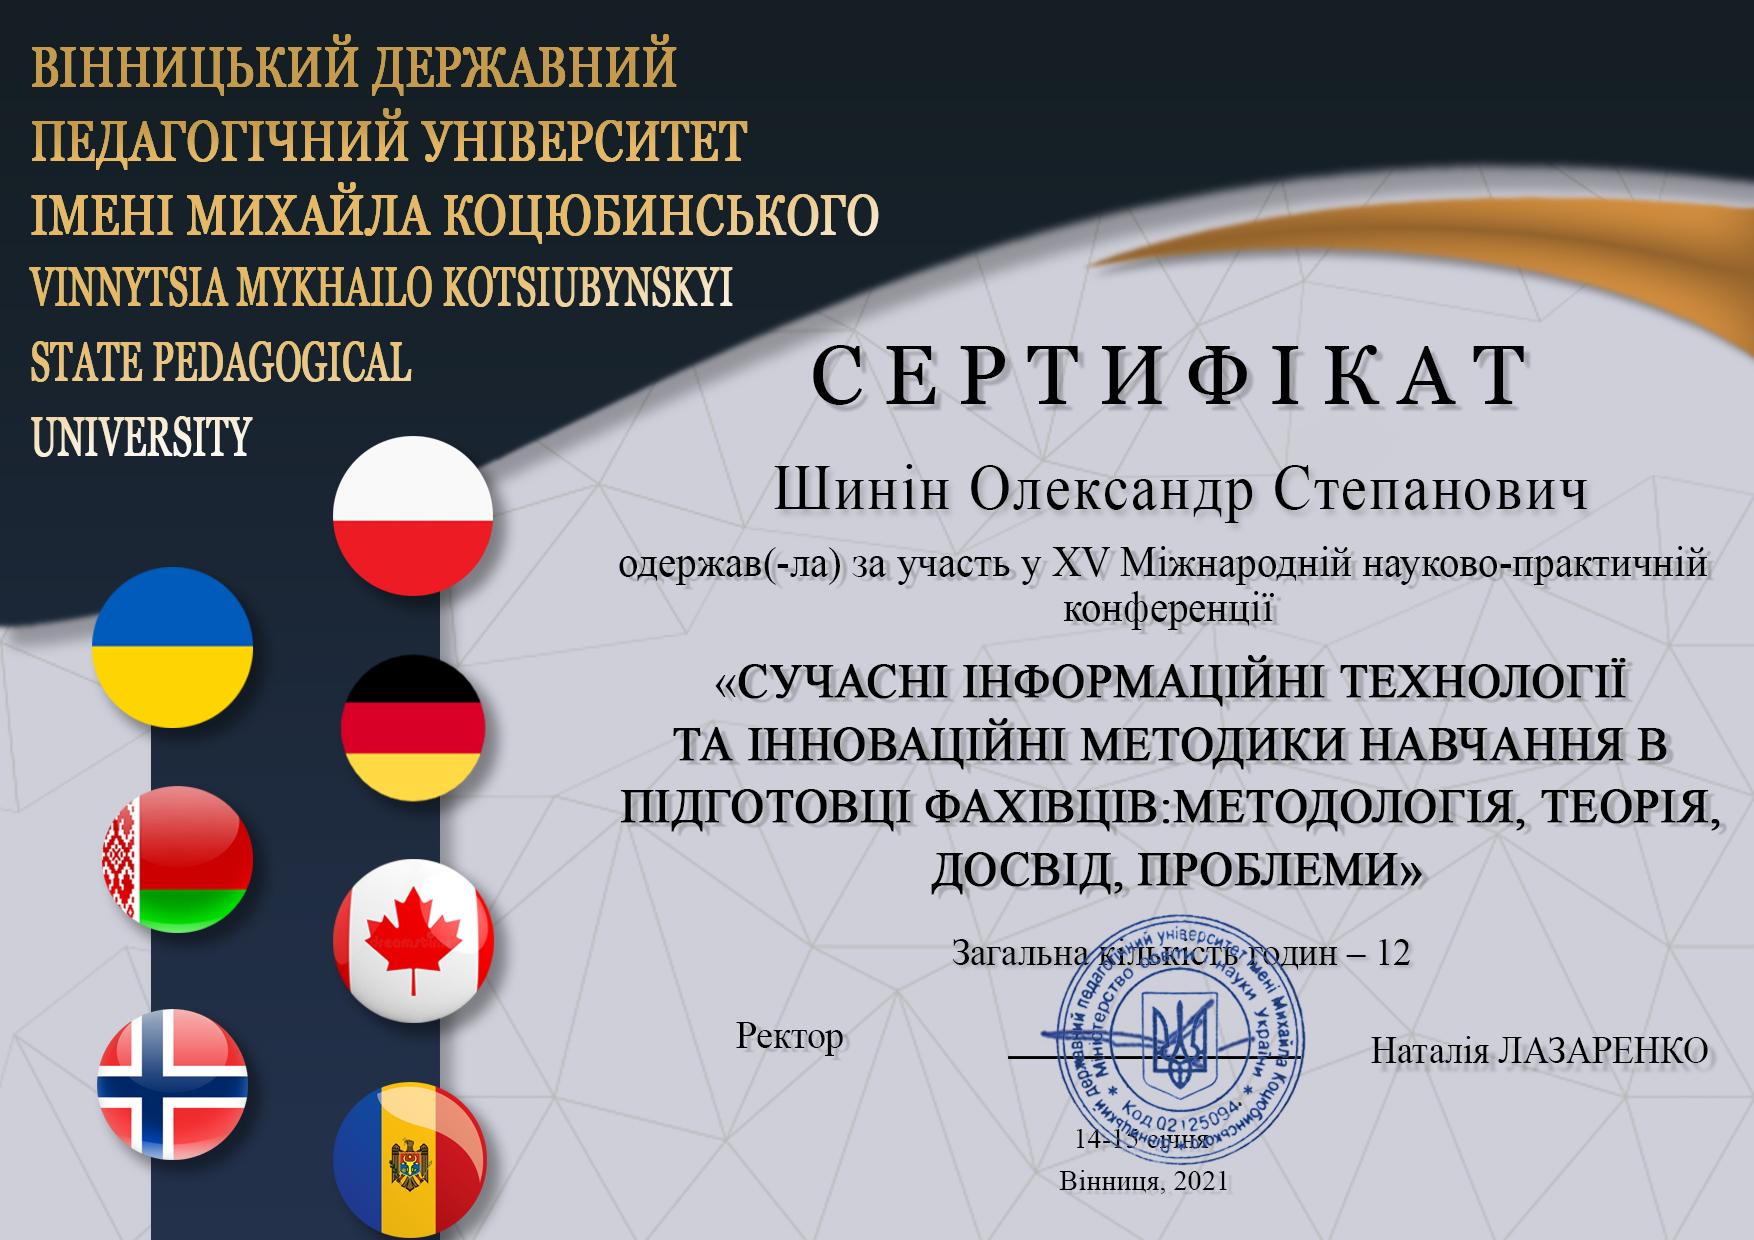 Шинін Олександр Степанович